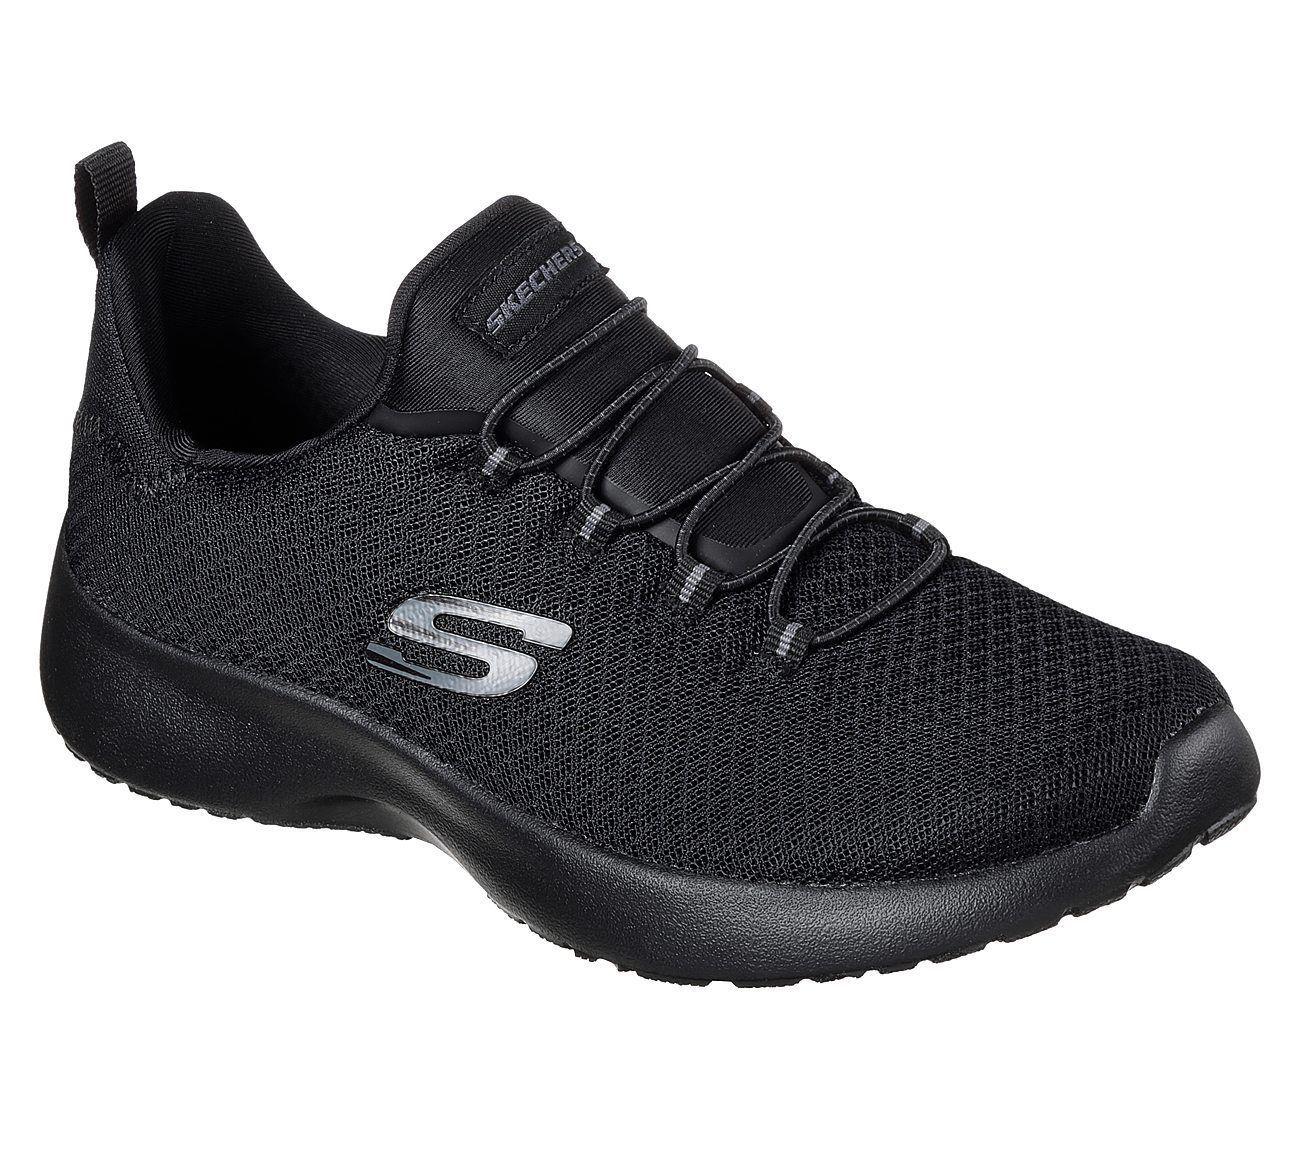 Skechers Dynamight Women S Slip On Sneakers Shoes Black Black